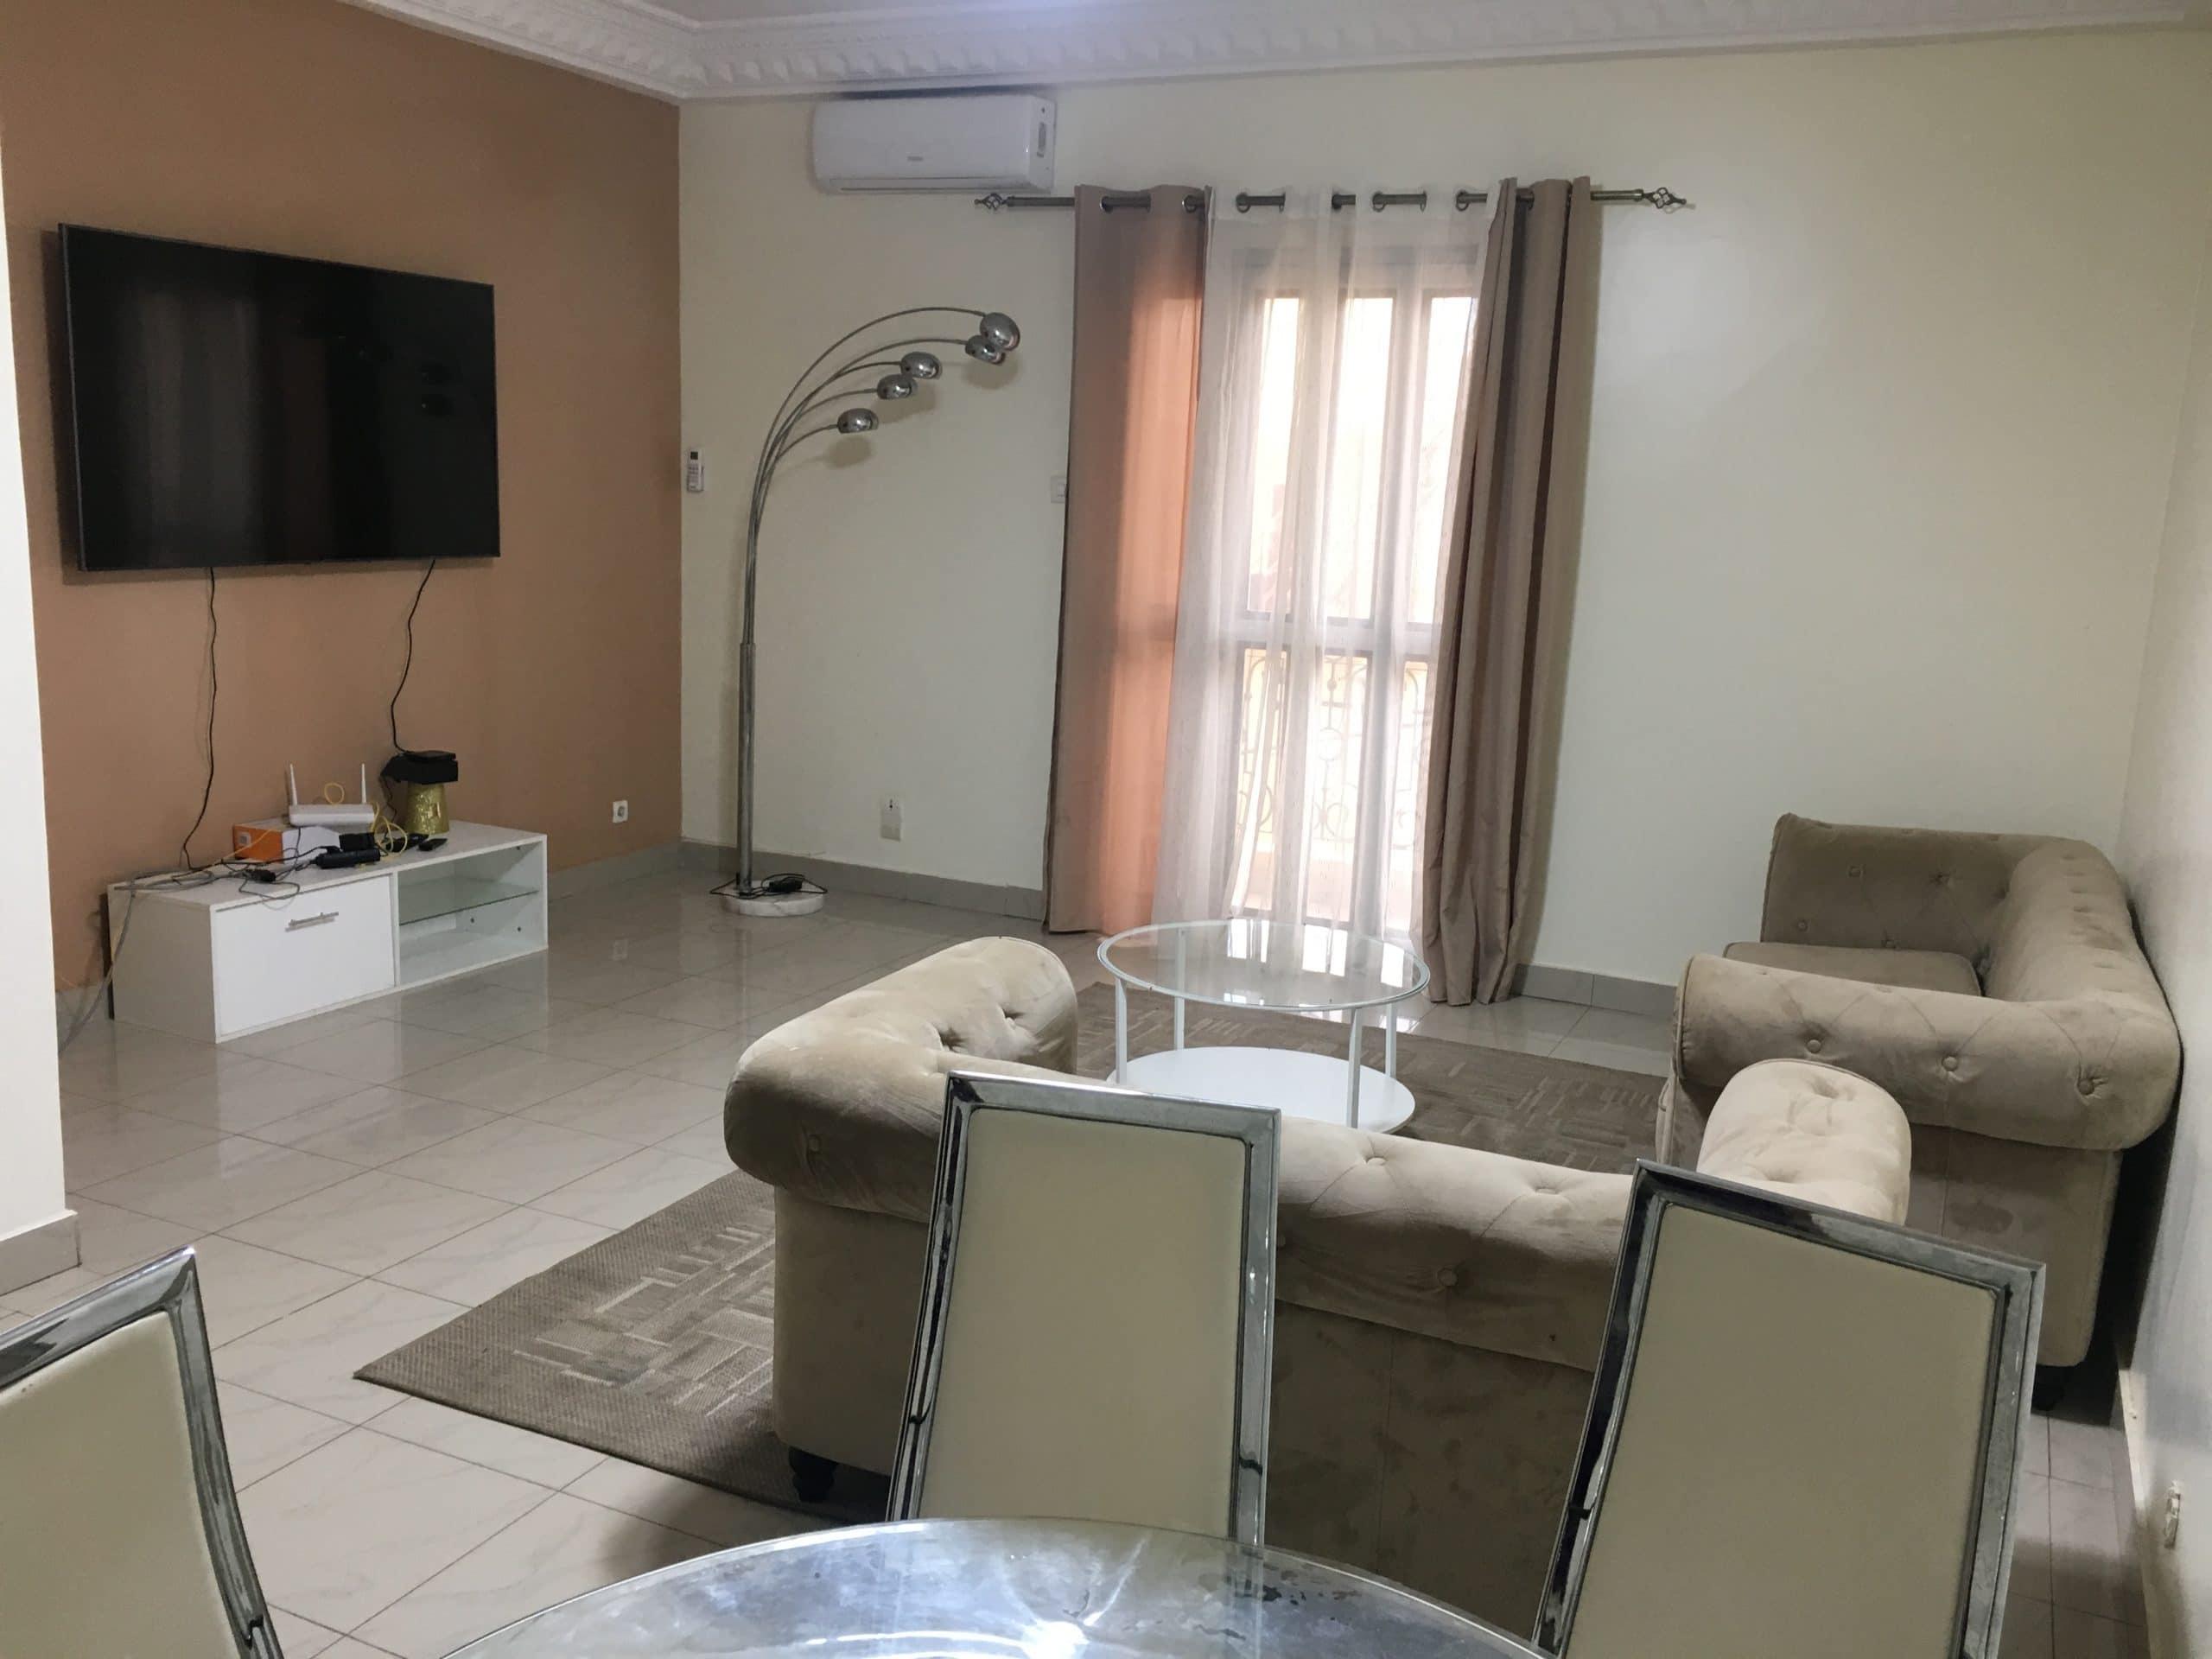 Appartement Meublé à Louer à Dakar à la Cité batrain